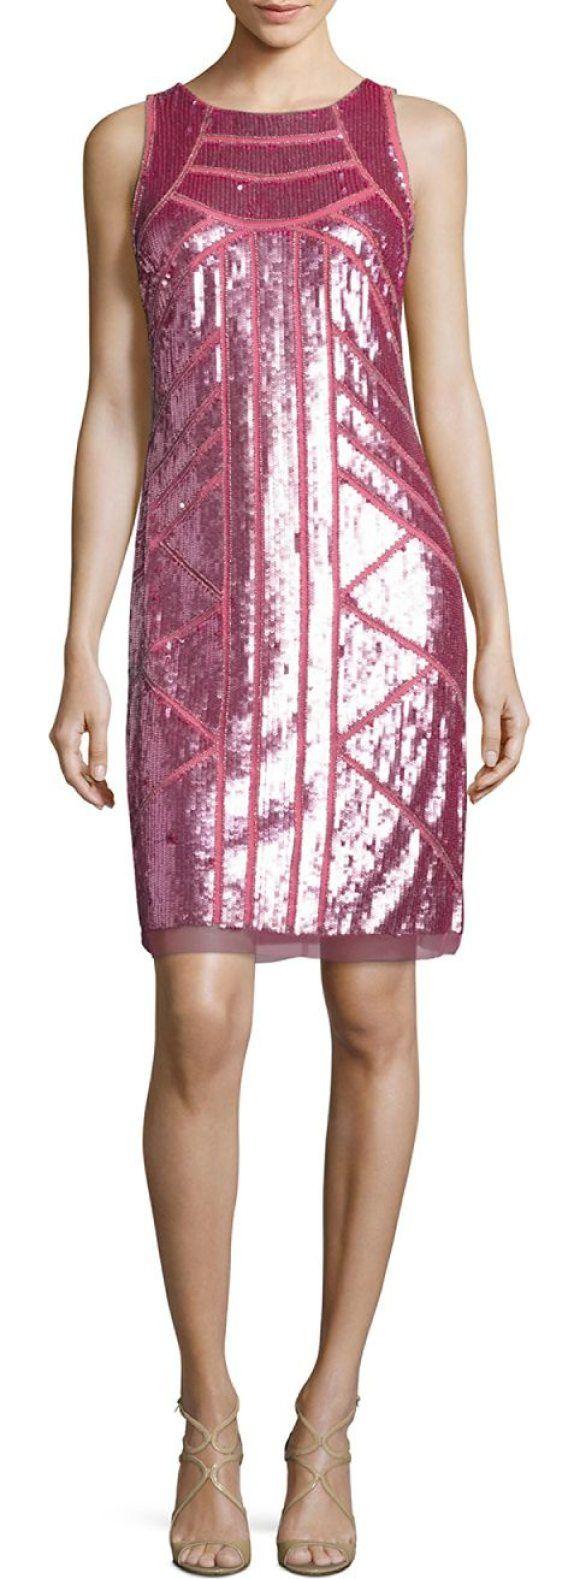 AIDAN MATTOX Sequined Shift Dress | Vestiditos